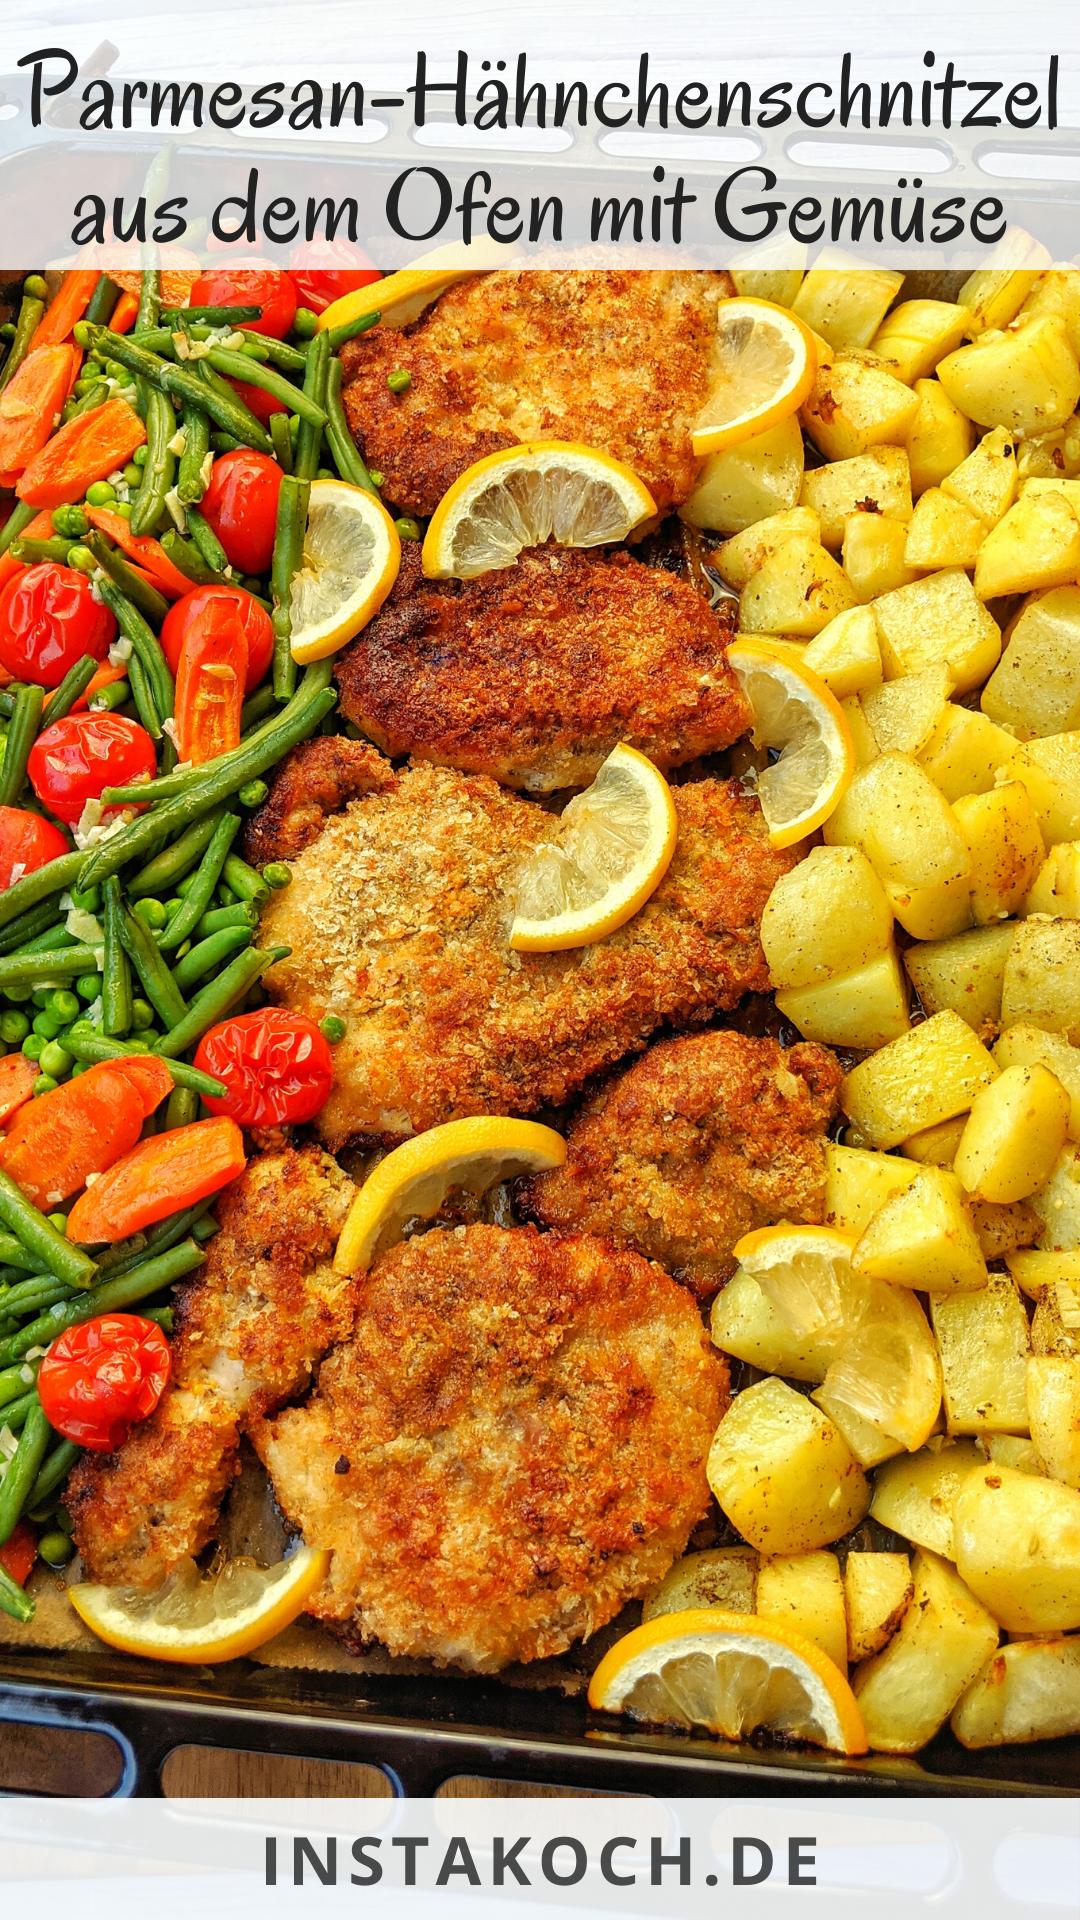 Parmesan Hähnchenschnitzel aus dem Ofen mit Gemüse und Kartoffeln - Fertig in 35 Minunten